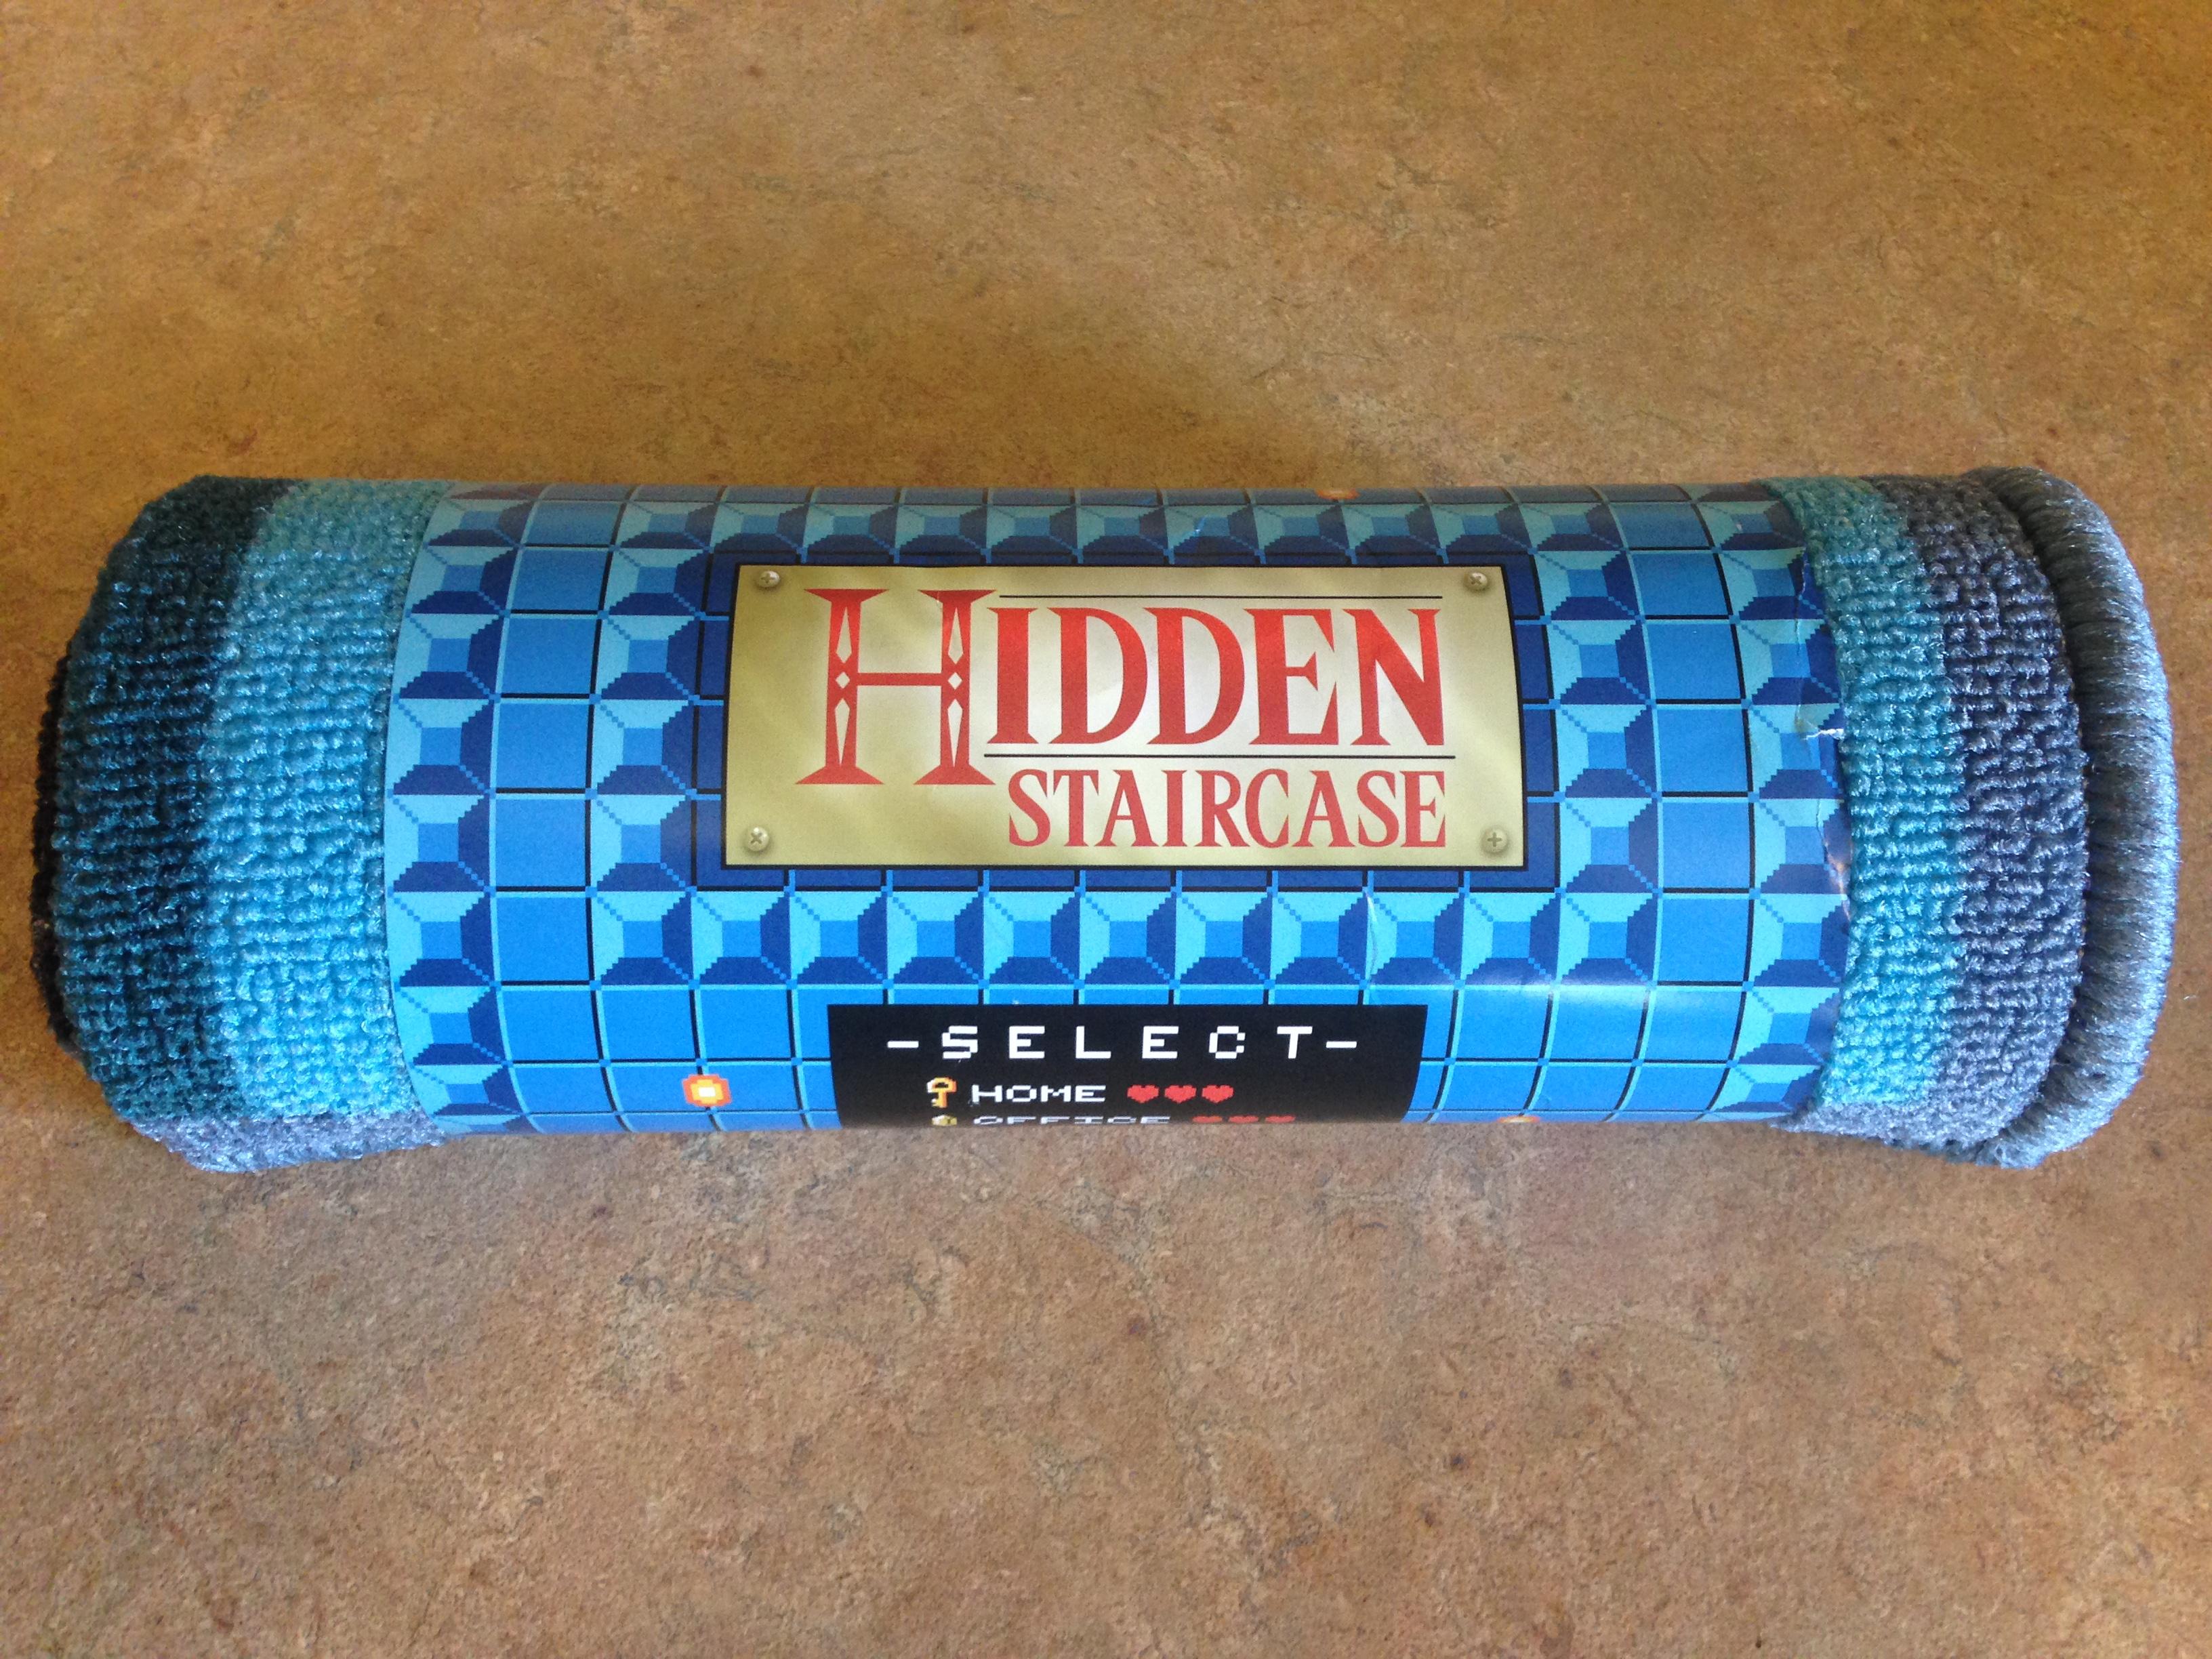 Legend of Zelda Hidden Staircase rug, Geek Fuel April 2017